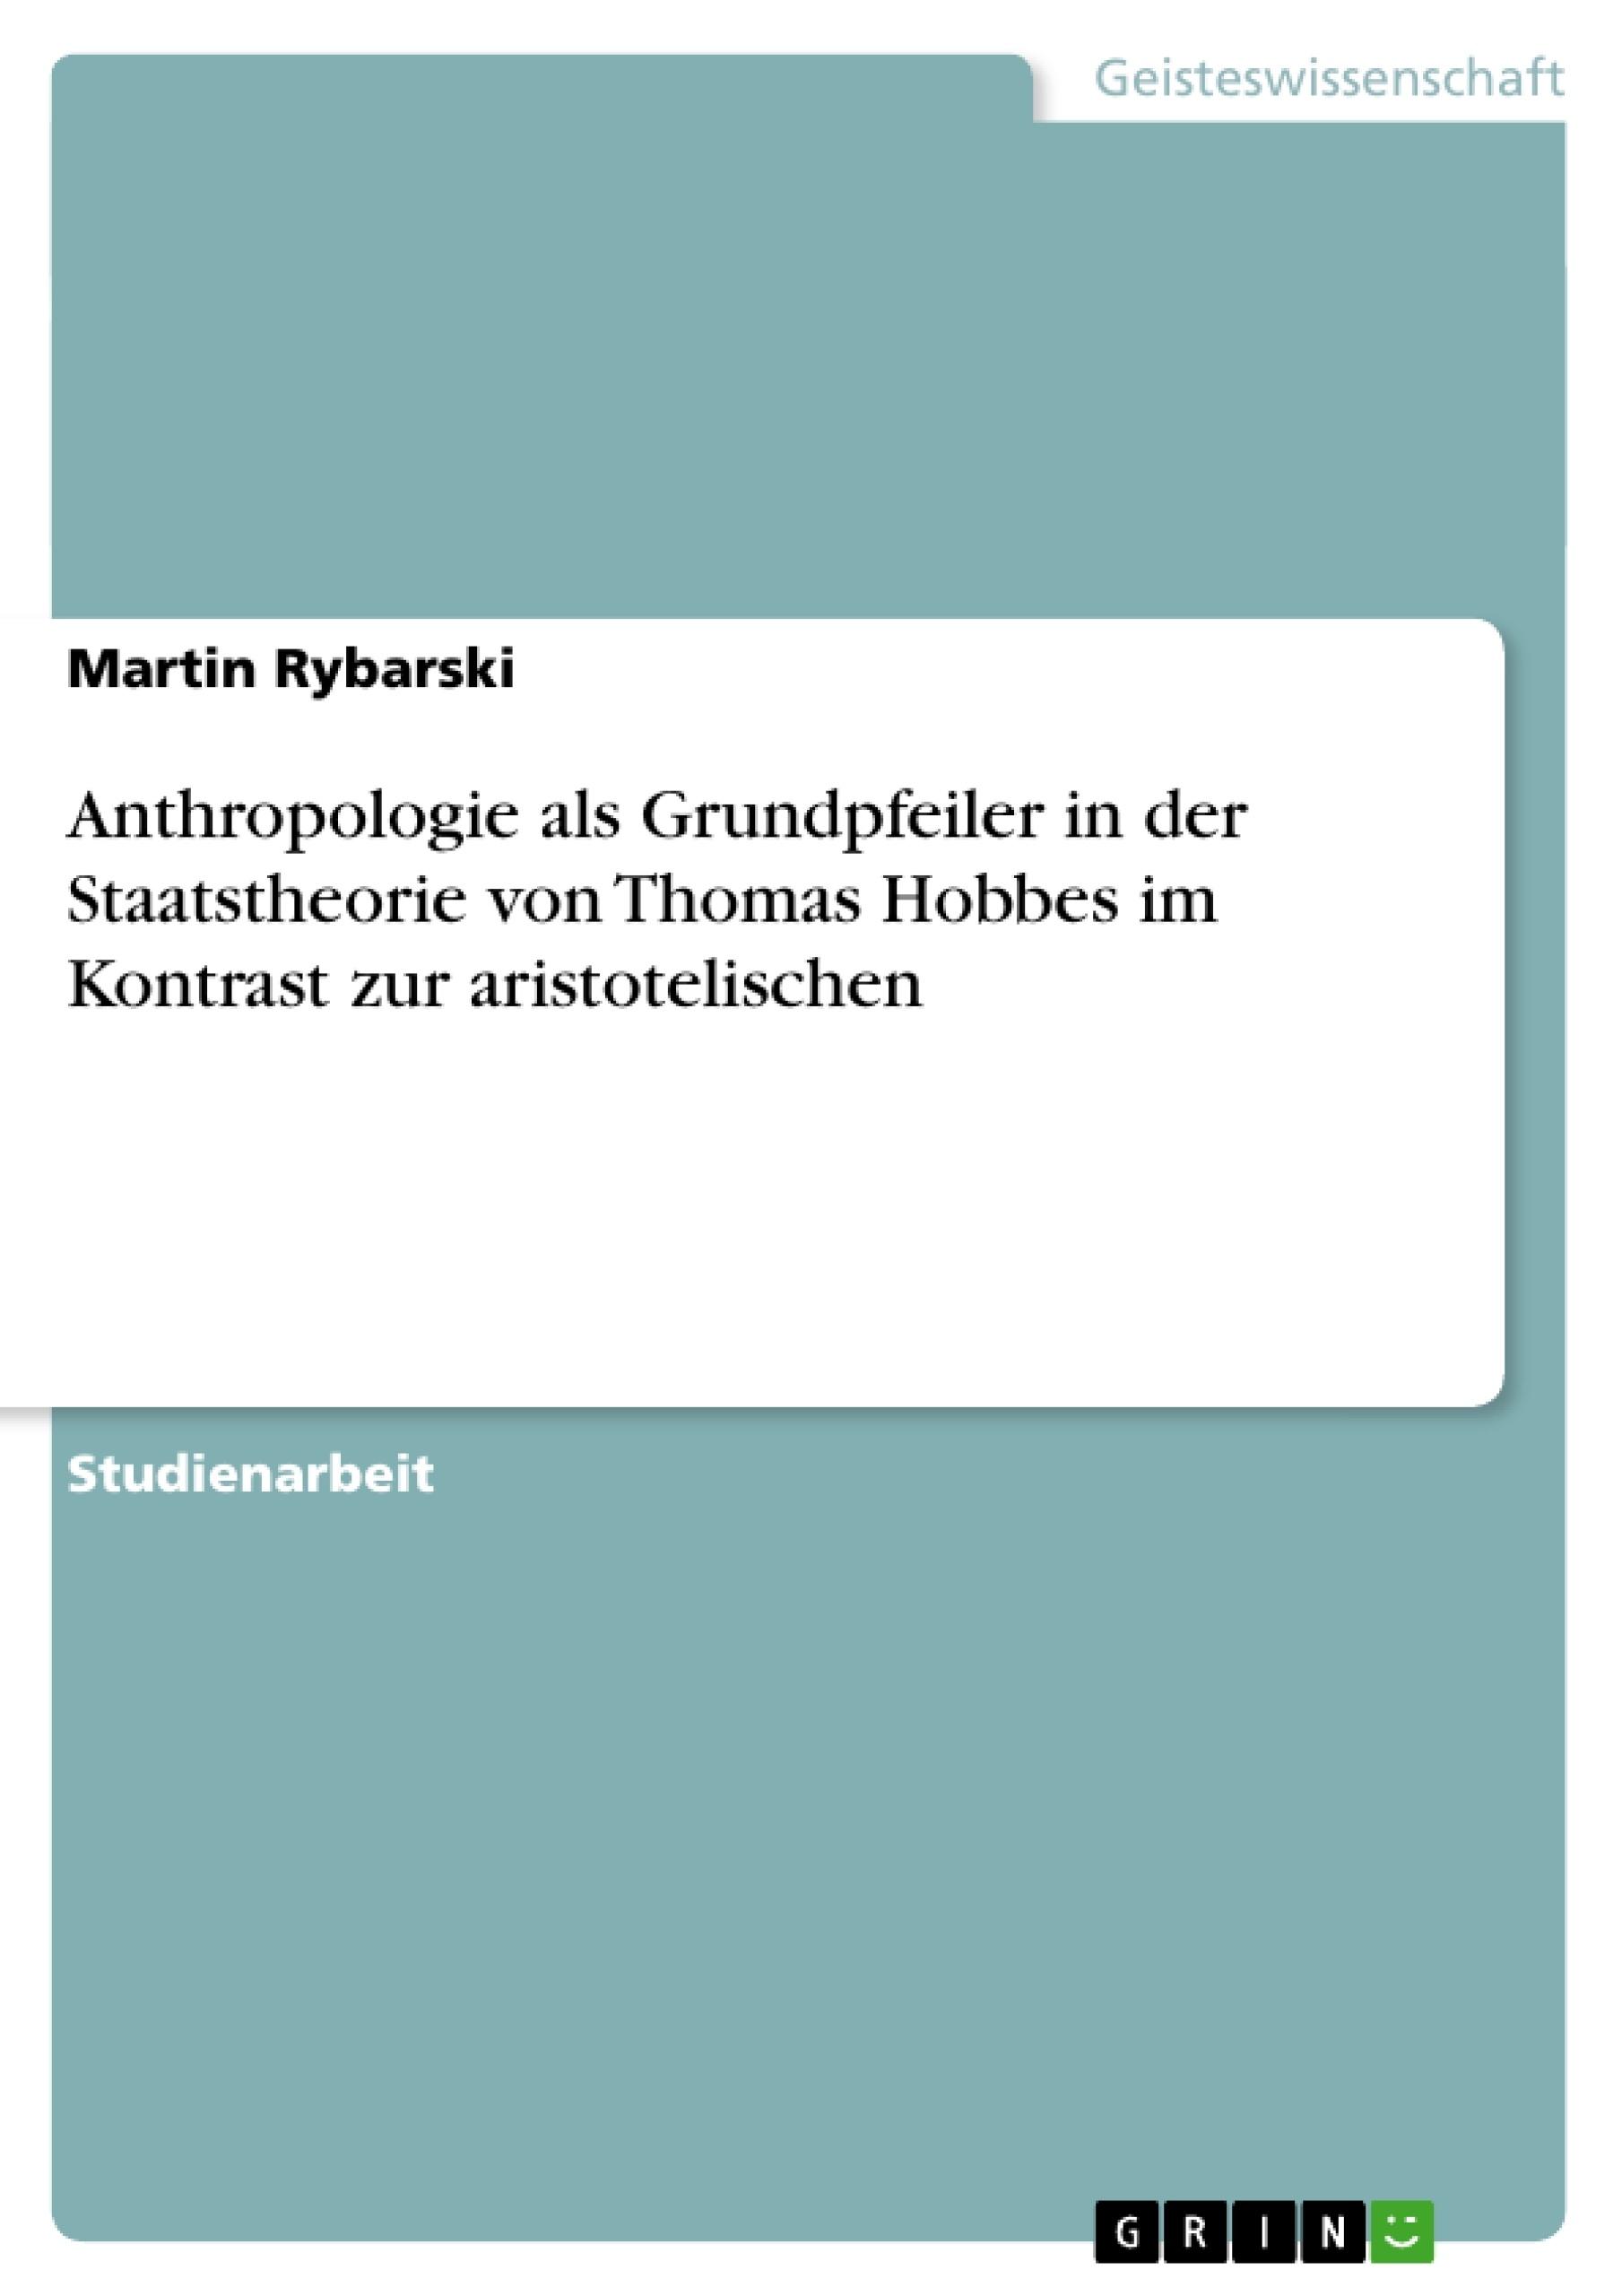 Titel: Anthropologie als Grundpfeiler in der Staatstheorie von Thomas Hobbes im Kontrast zur aristotelischen